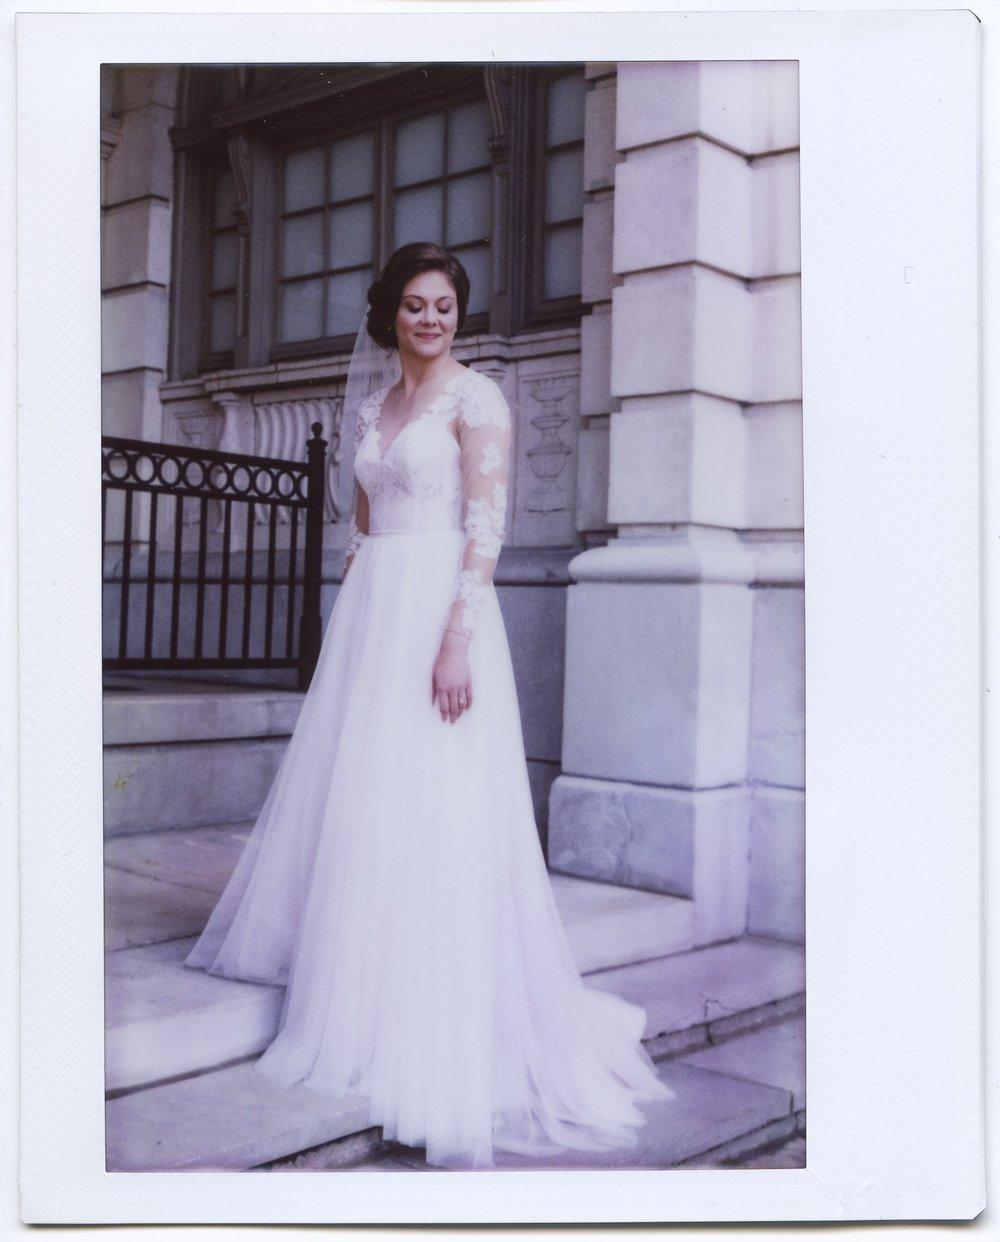 wedding bride instax